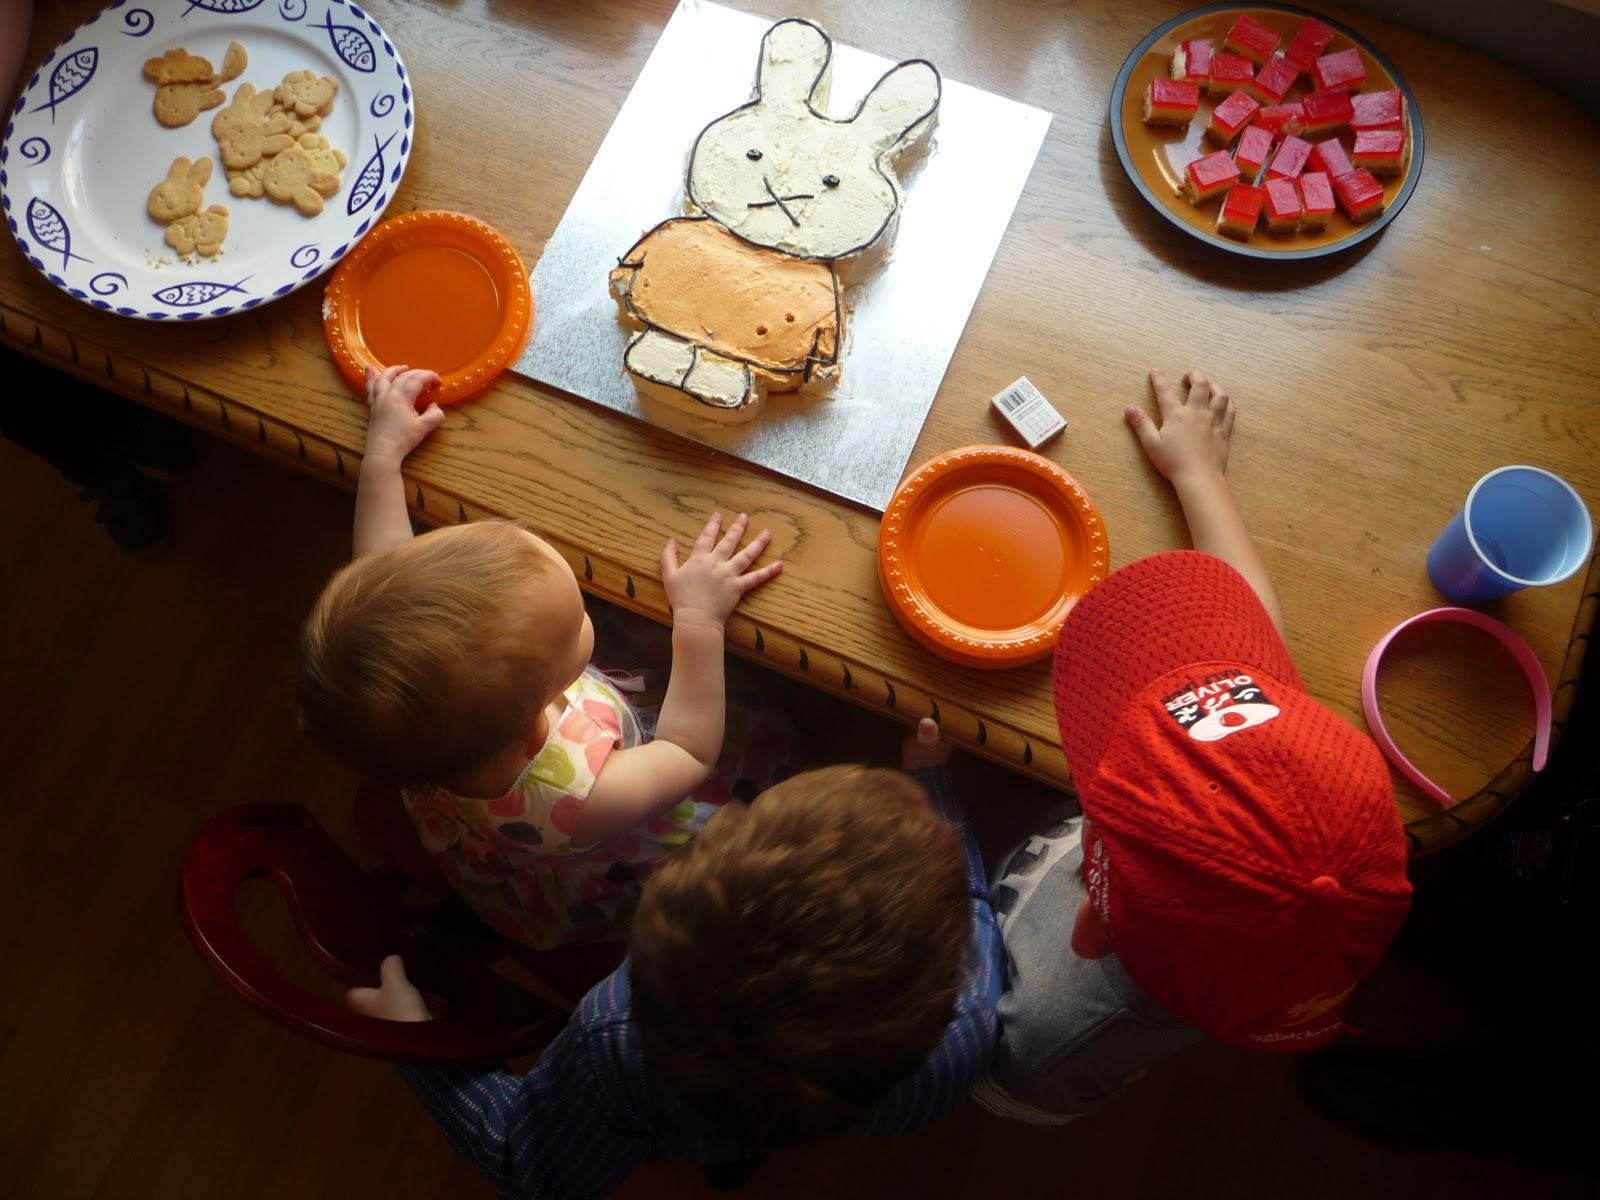 http://3.bp.blogspot.com/-GnJtYgIS1Bg/Tofpf_RJxoI/AAAAAAAAASs/n6p5pLUUrtg/s1600/miffy+cake+2.jpg